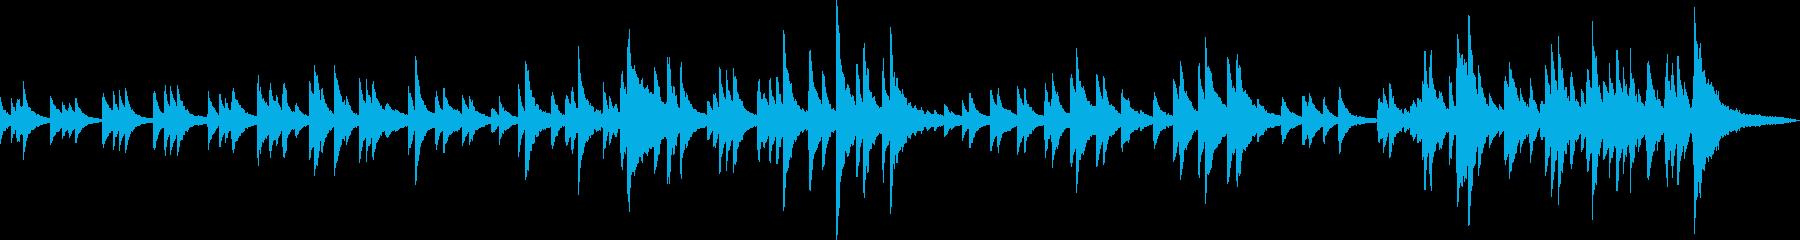 感動的なピアノバラード(優しい・別れ)の再生済みの波形